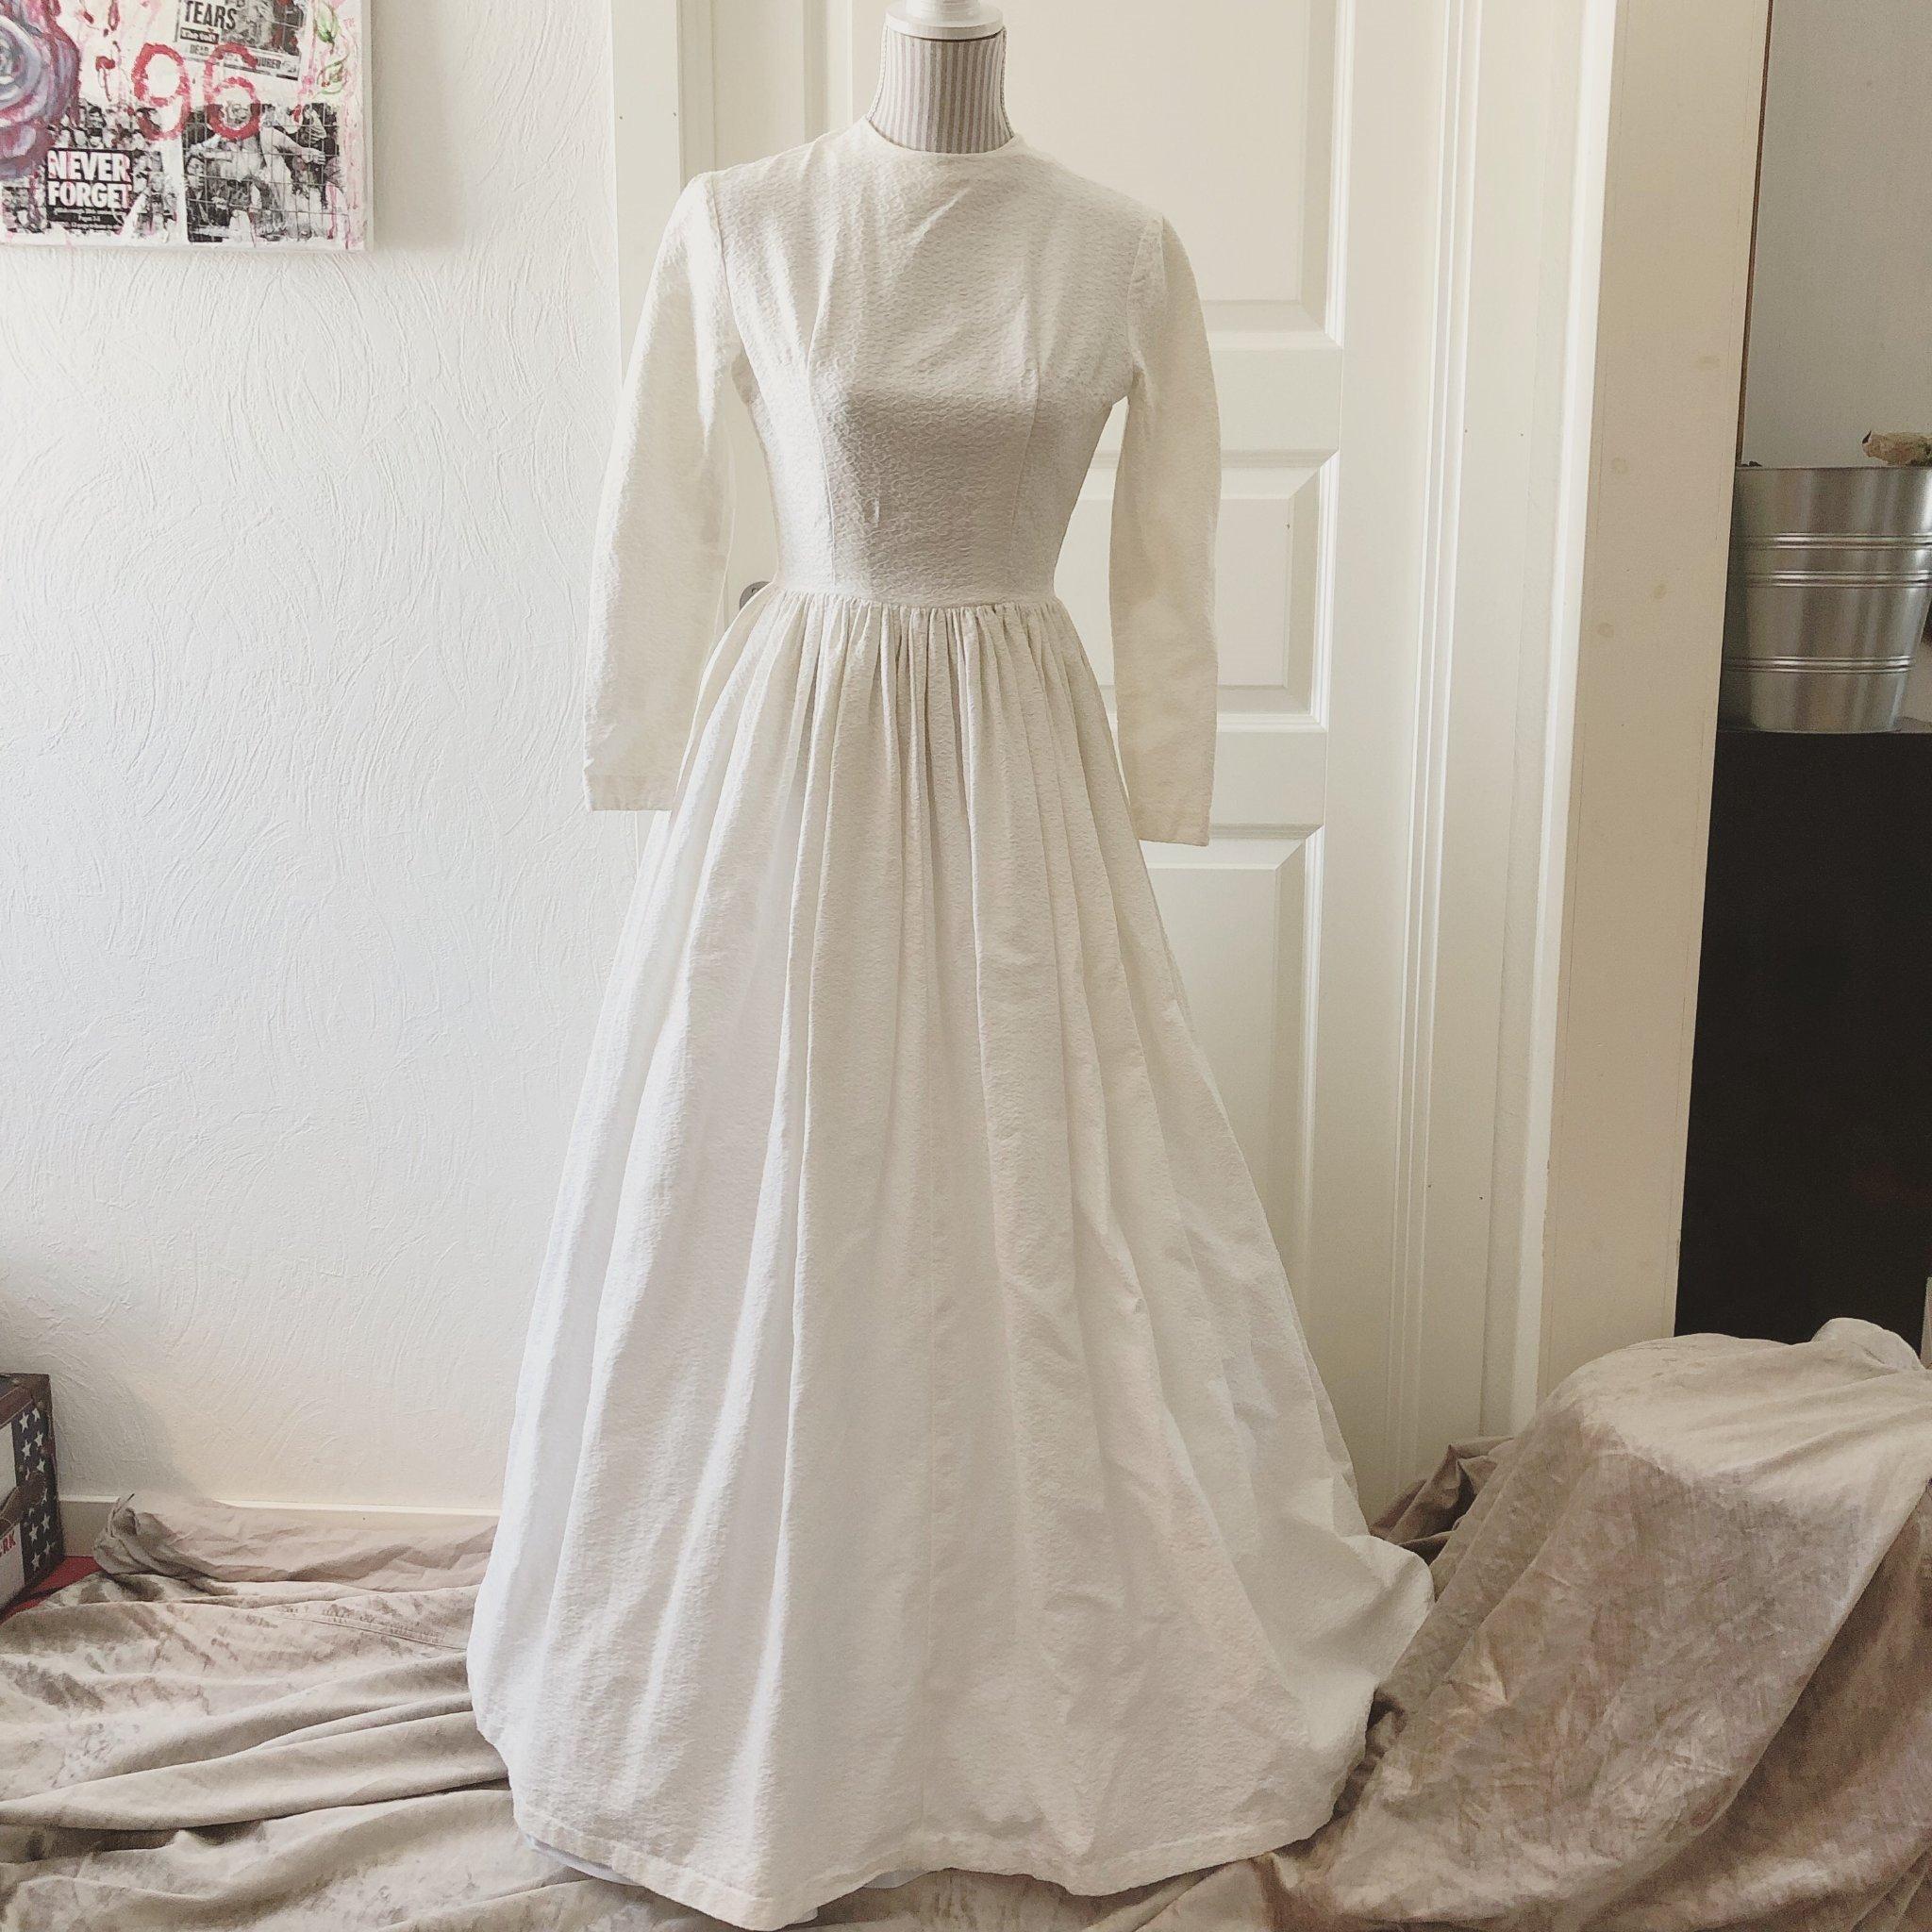 61376498ccb1 Äkta vintage brudklänning stl 34/36 vit klänning 50-tal balklänning ...